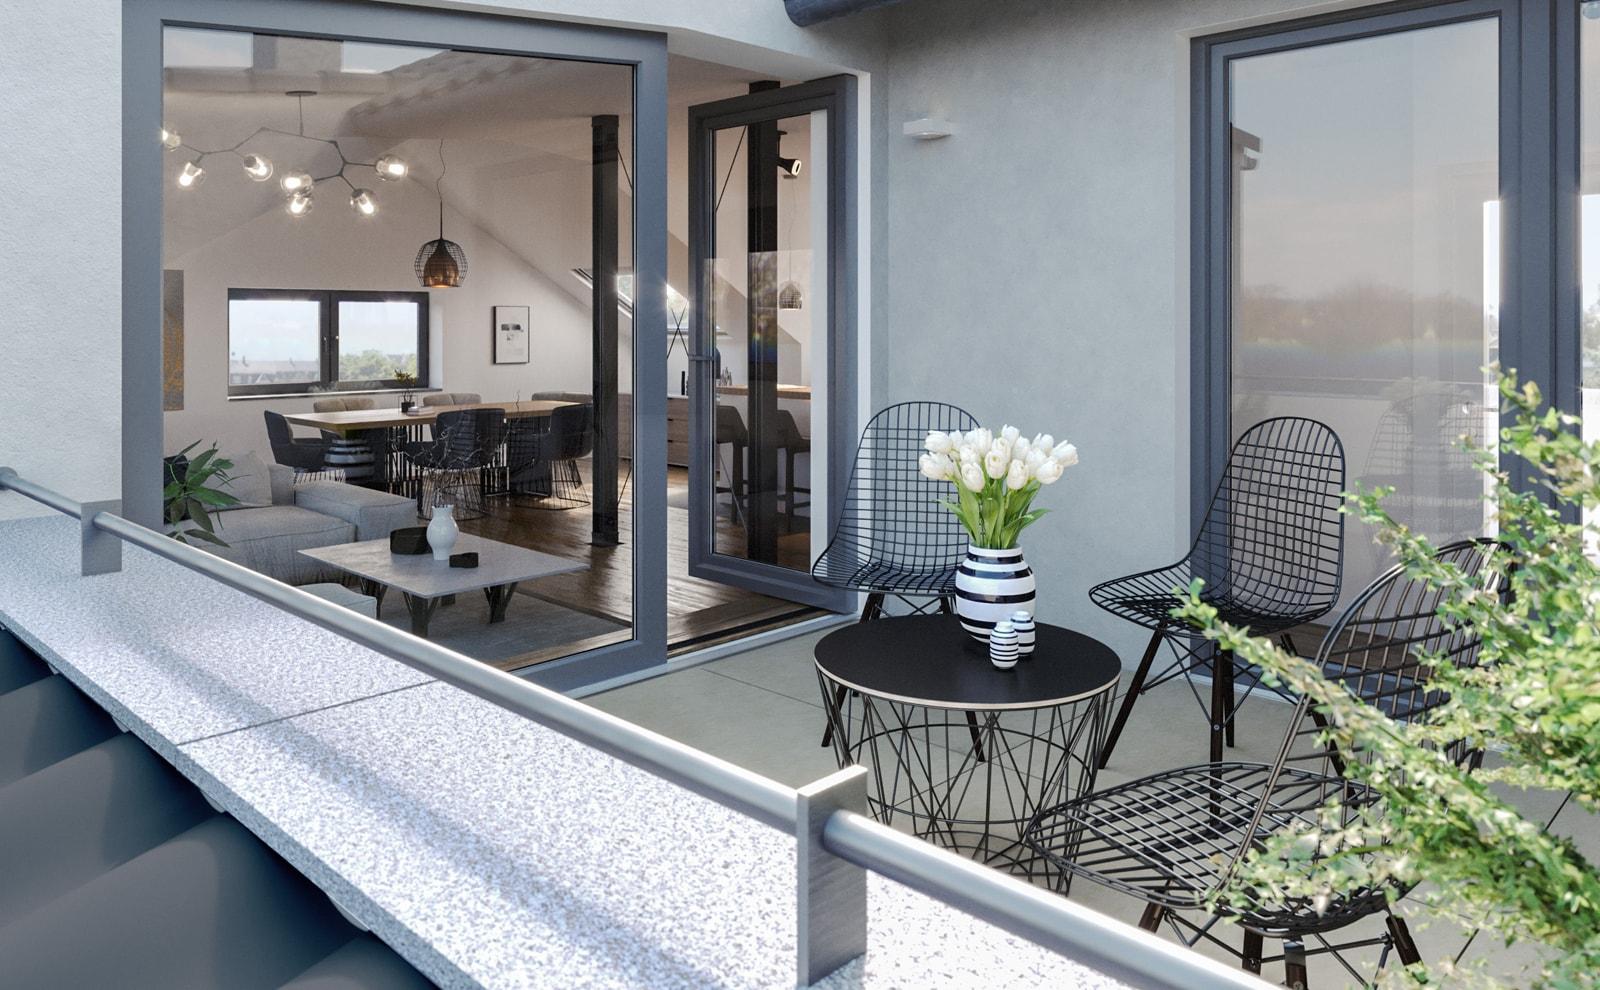 Immobilie Haeckerstraße 12: Wohnung im Dachgeschoss